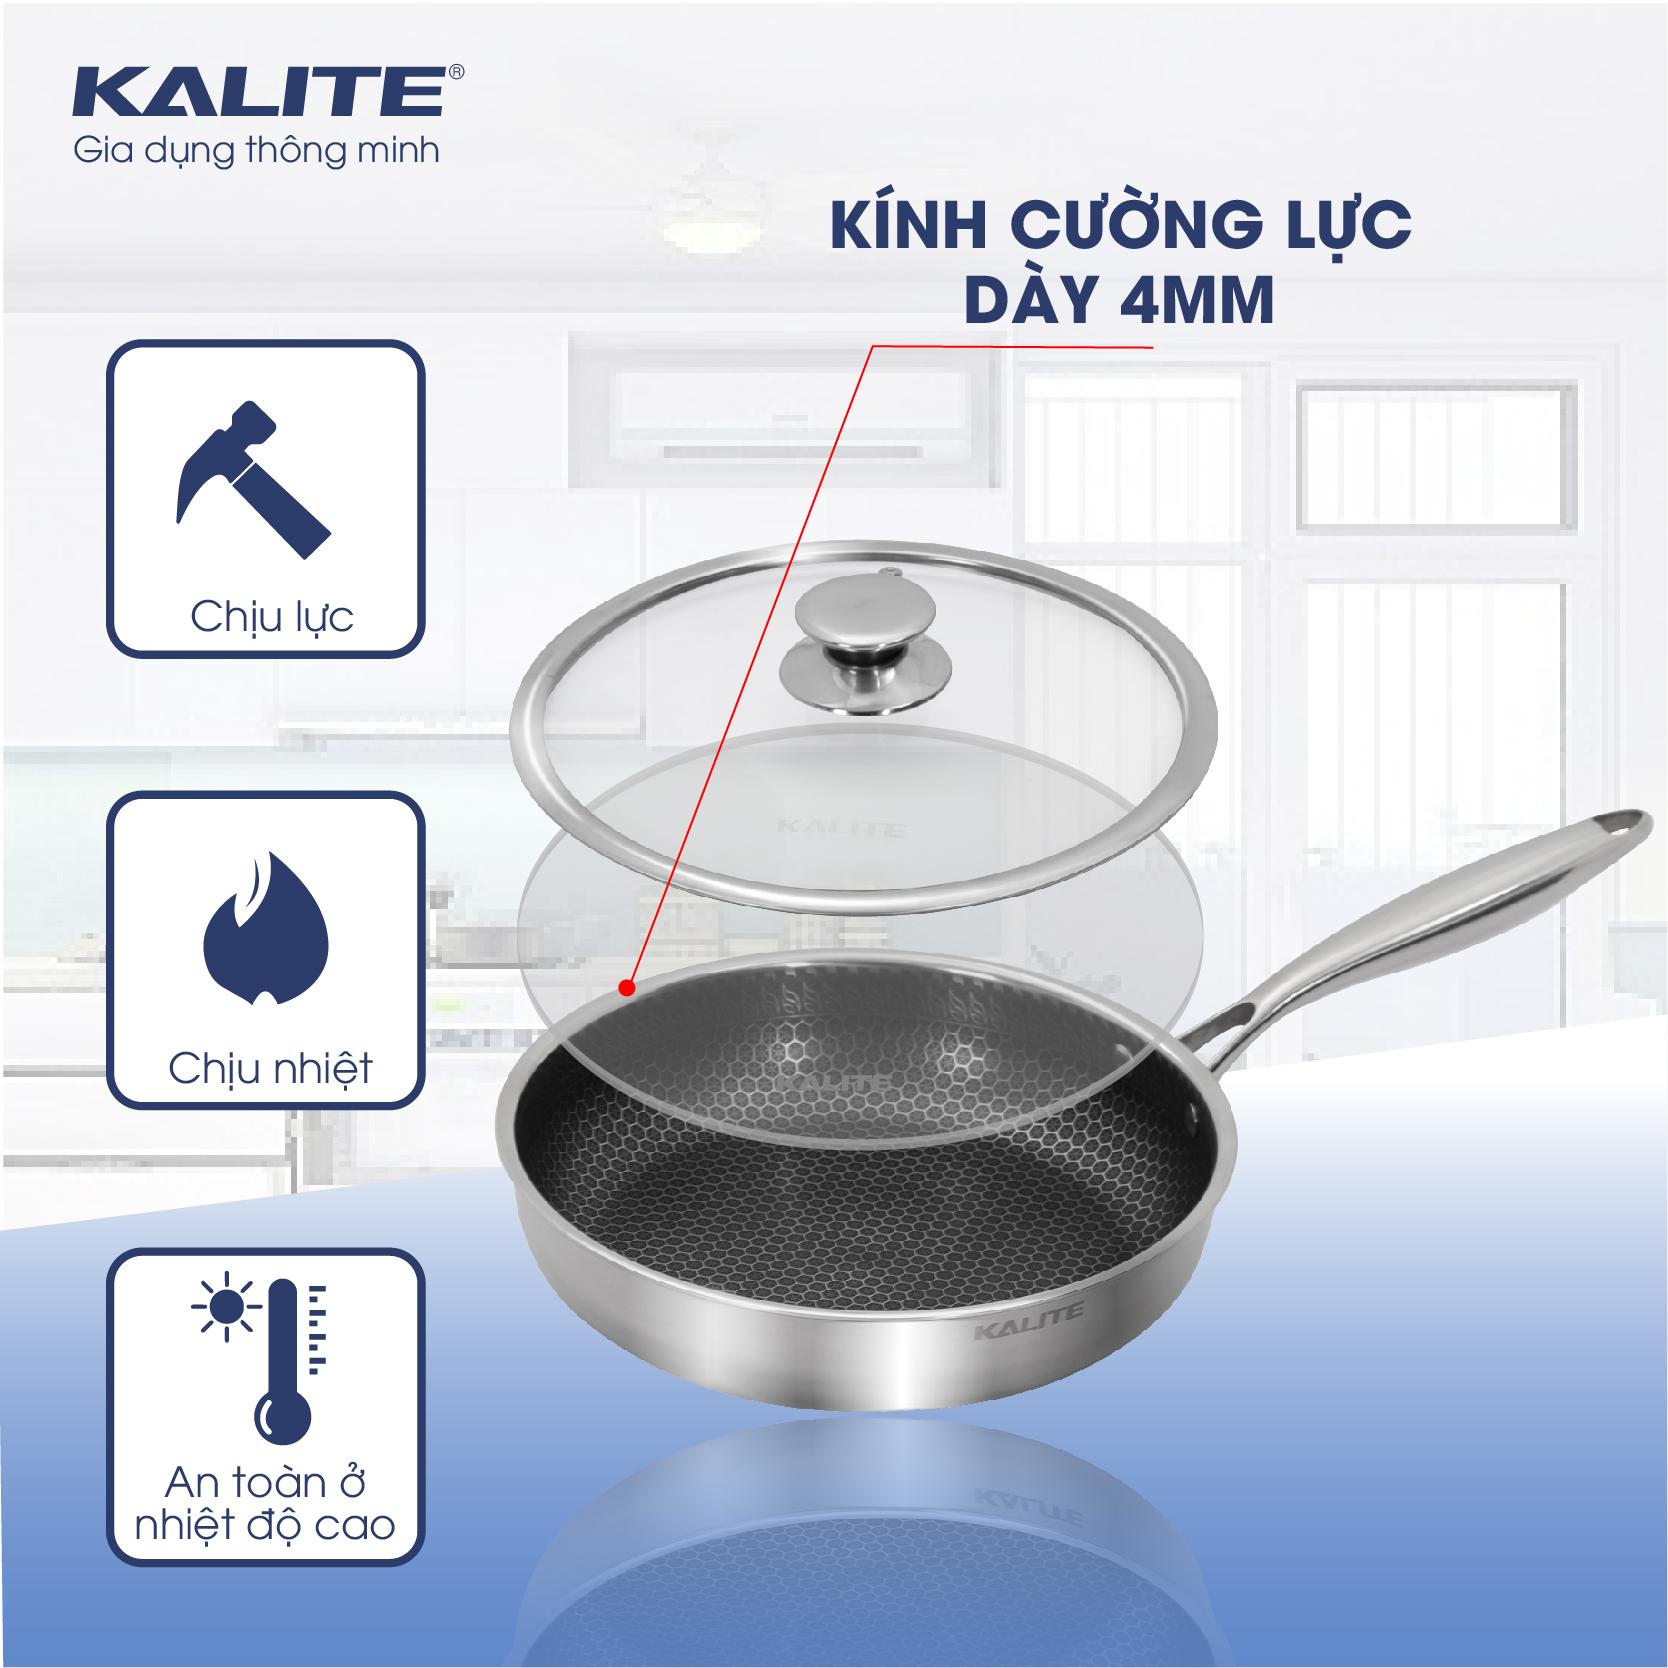 chao-kalite-kl-326-nap-kinh-cuong-luc-ben-bi